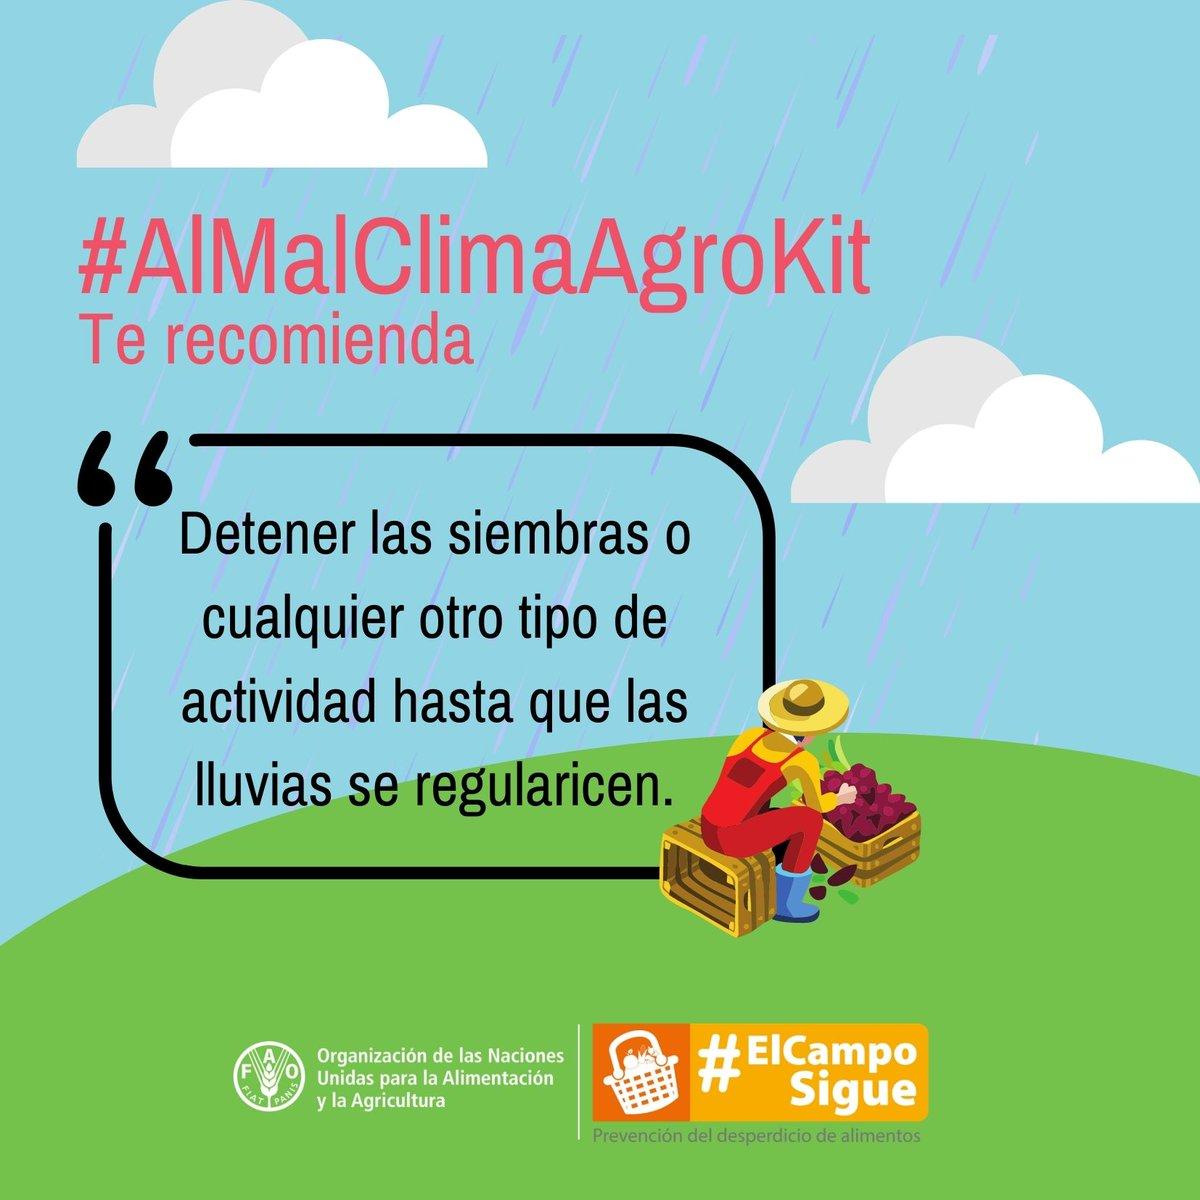 🚨En #TemporadaDeLluvias 🌧️ y para el manejo de los 🌱cultivos llega #AlMalClimaAgrokit para 👩🏾🌾👨🏾🌾productores y profesionales del sector agropecuario, una 📚biblioteca virtual liderada por @MinAgricultura, @FAO 🇨🇴, @AgronetMADR, @UPRAColombia e @IDEAM.  📲https://t.co/XiVjvdU233 https://t.co/uMd78xojqt